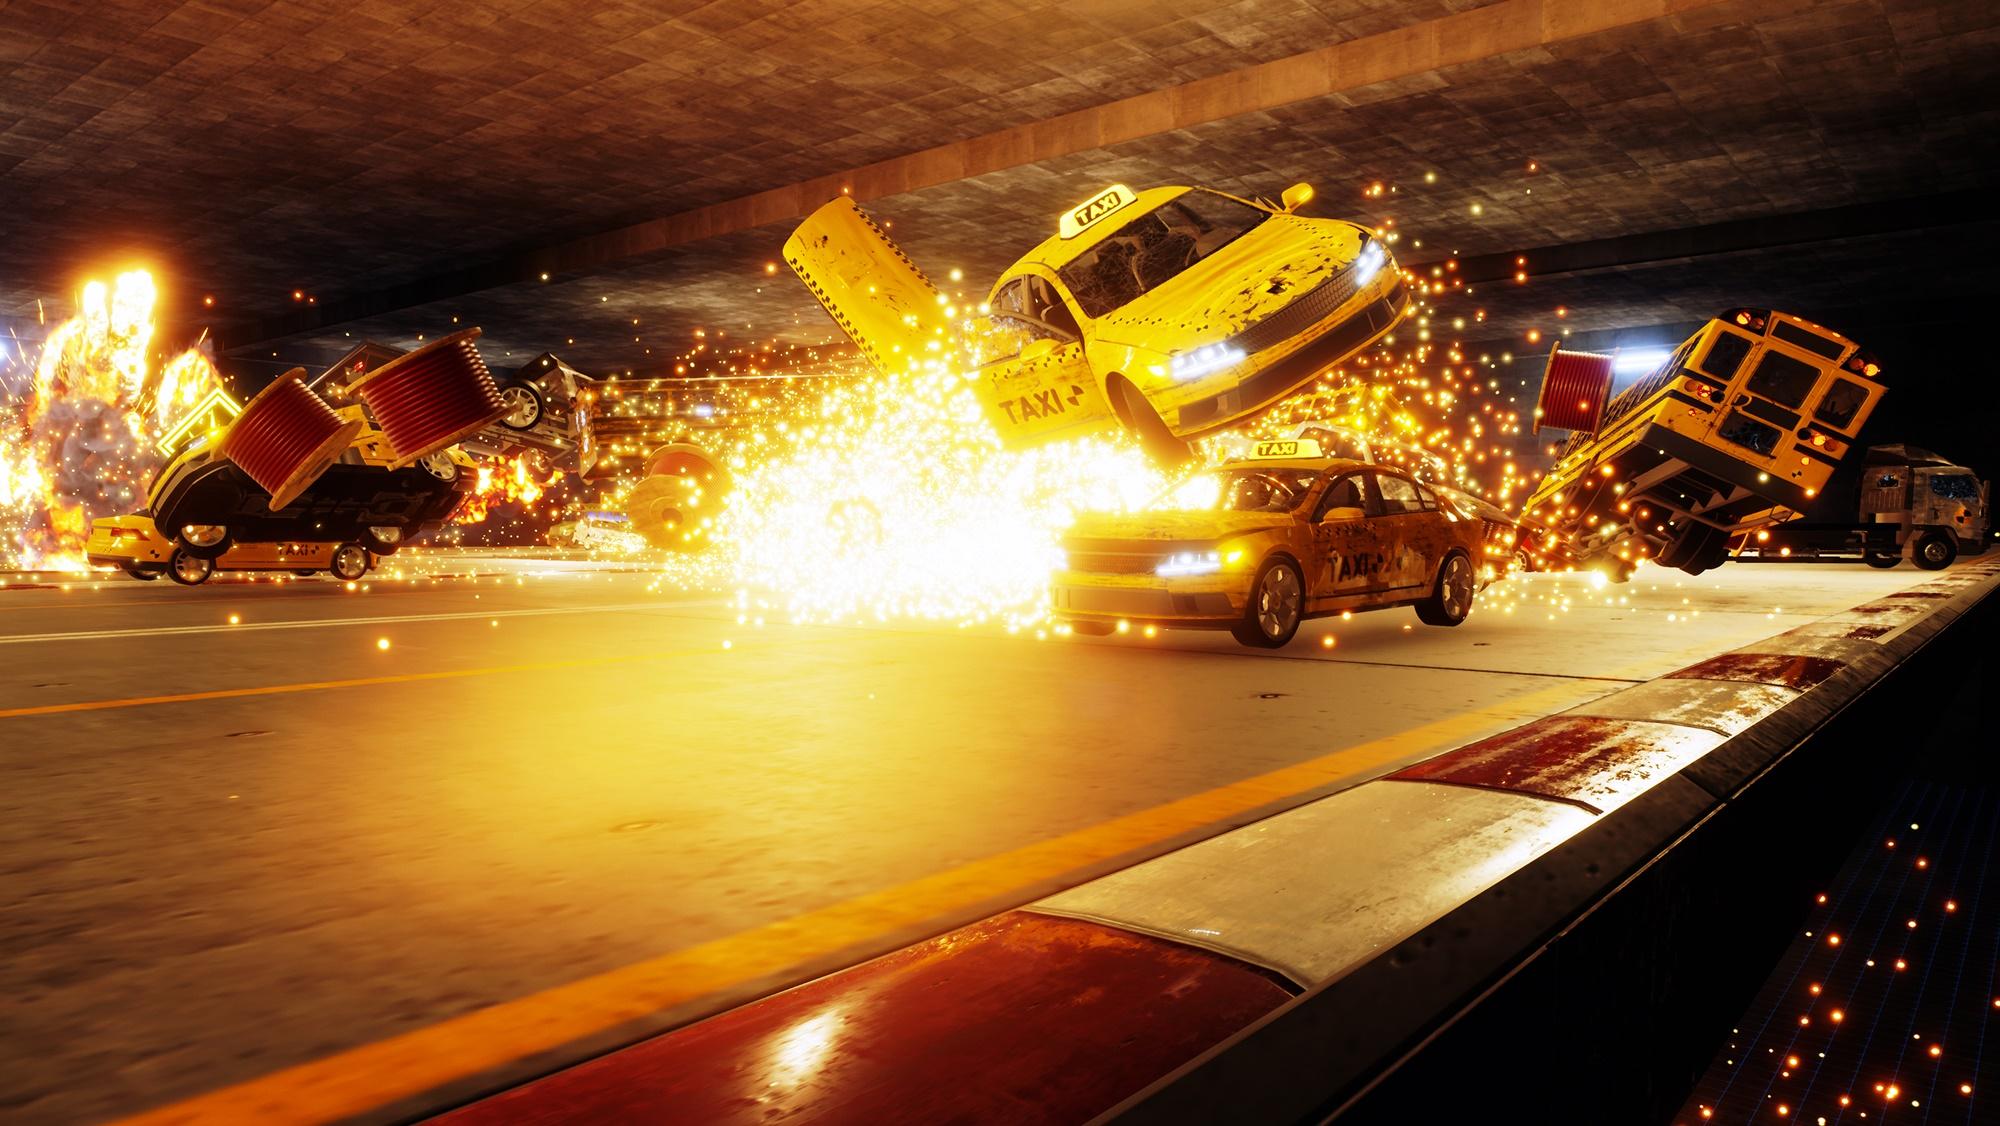 Dos criadores de Burnout, Danger Zone traz corridas destrutivas ao PS4 e PC